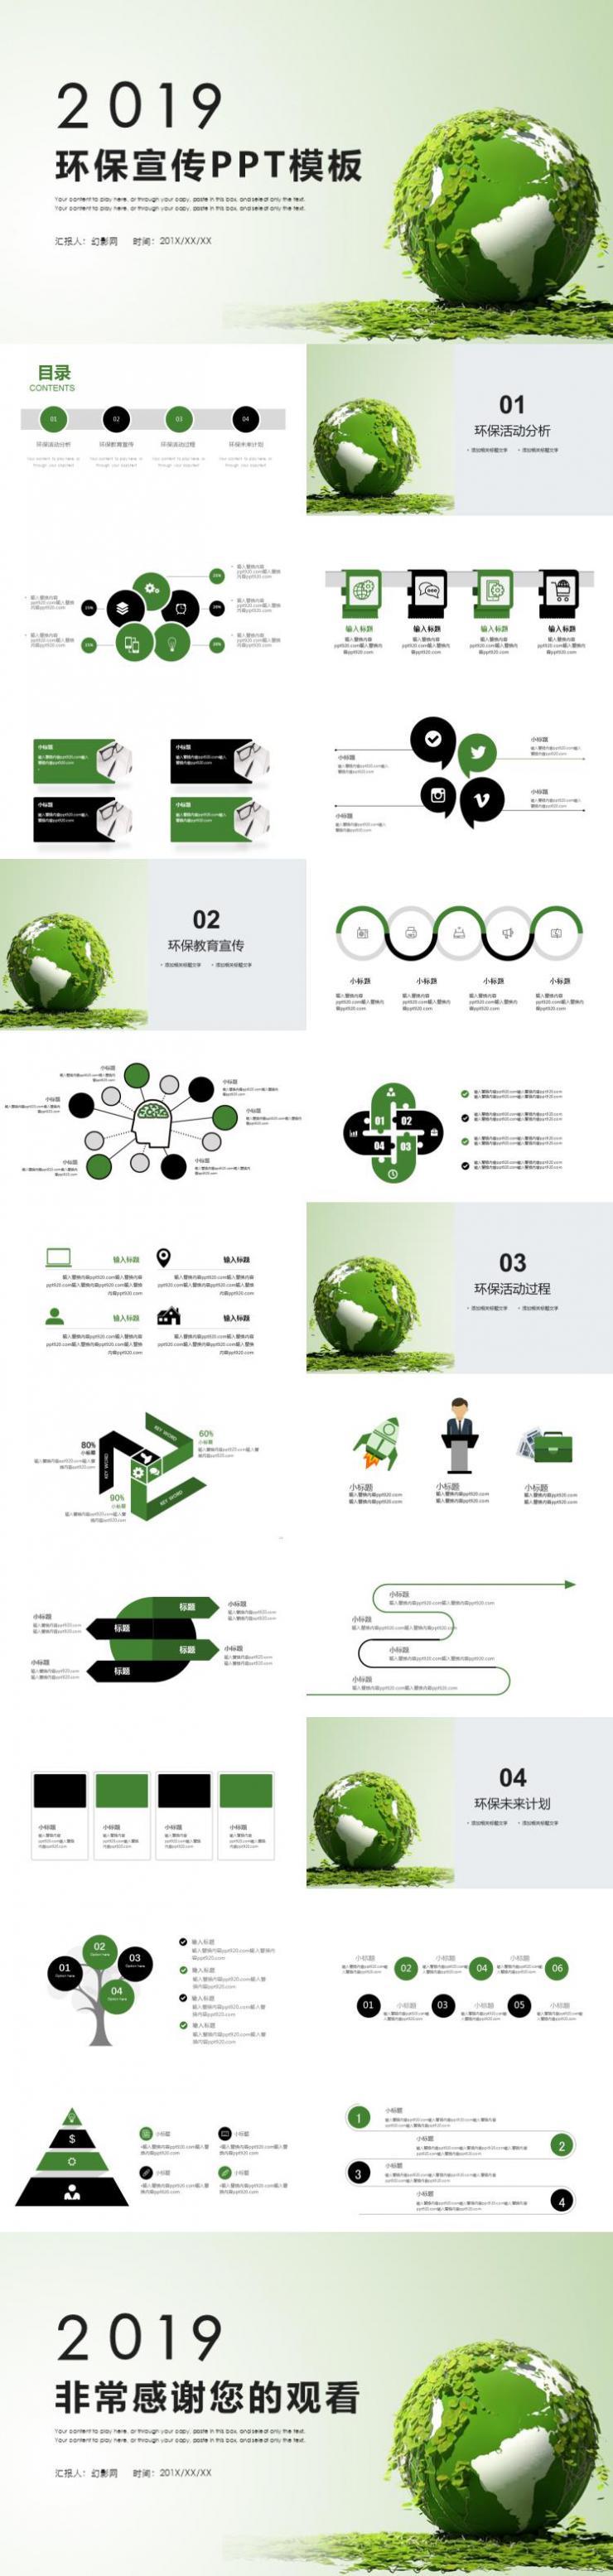 绿色环保宣传工作汇报PPT模板